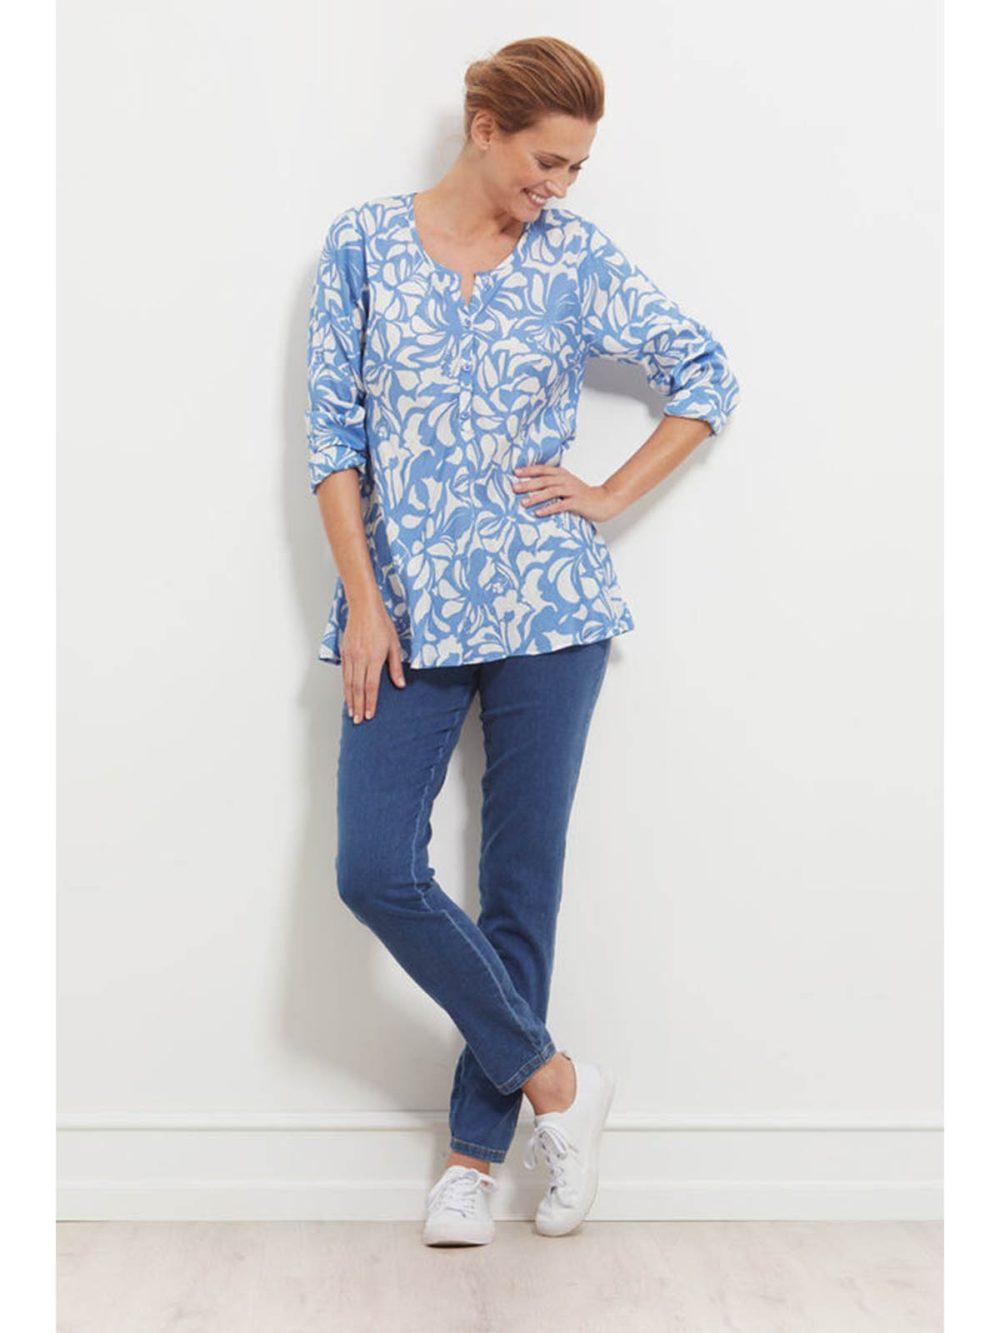 Danica Top Masai Clothing Katie Kerr Women's Clothing